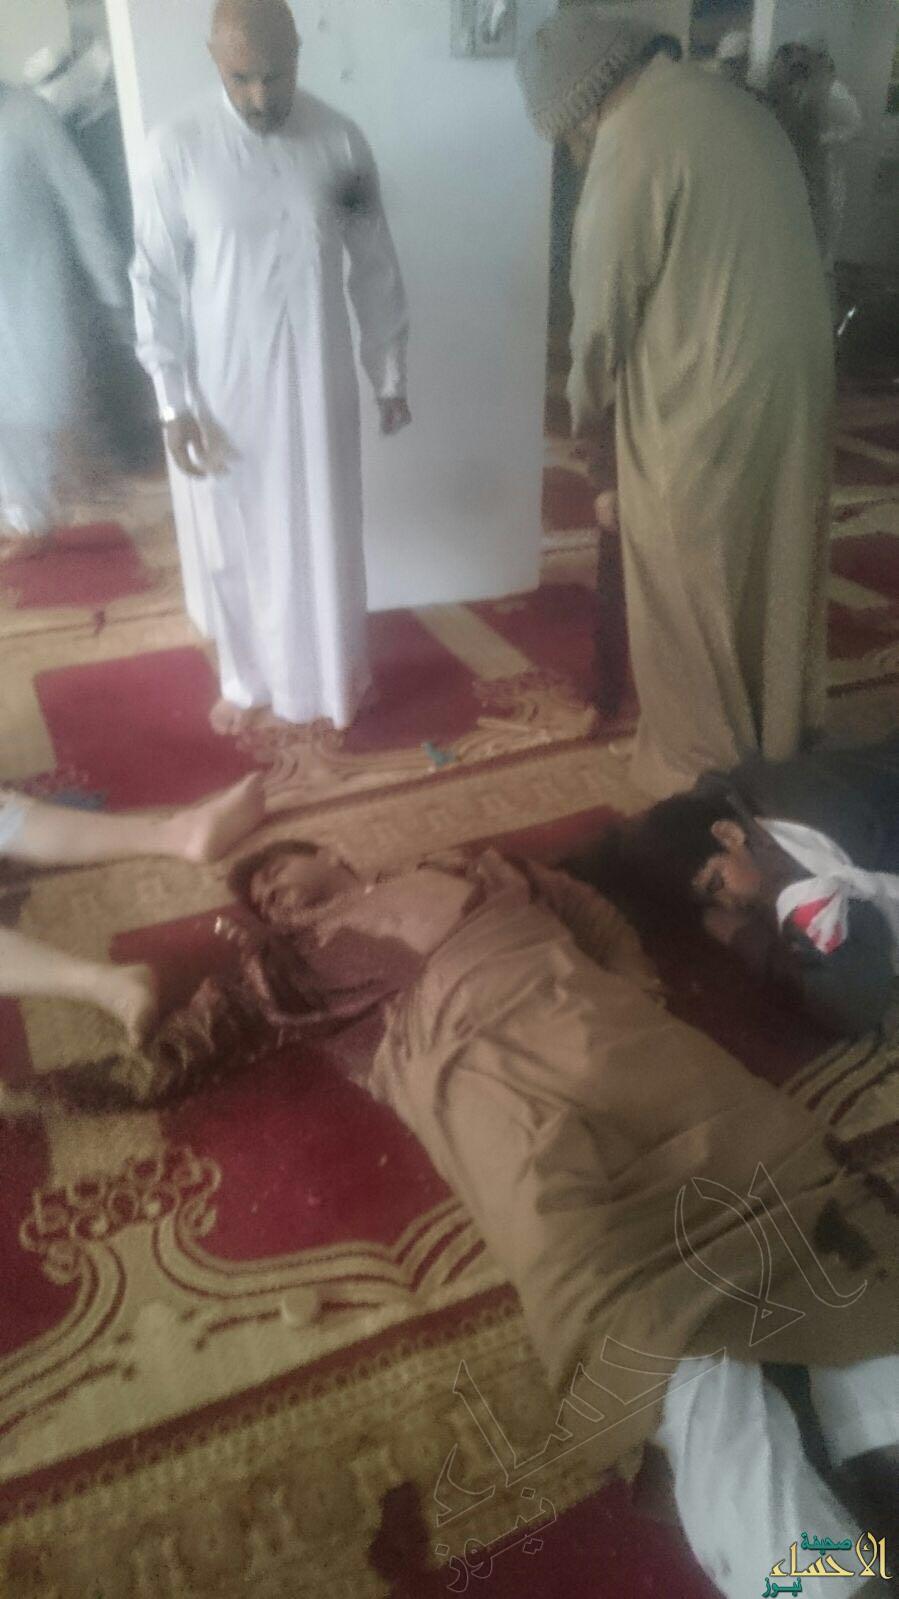 انفجار در مسجد شیعیان عربستان/ دست کم 3 نفر شهید شدند+ تصاویر